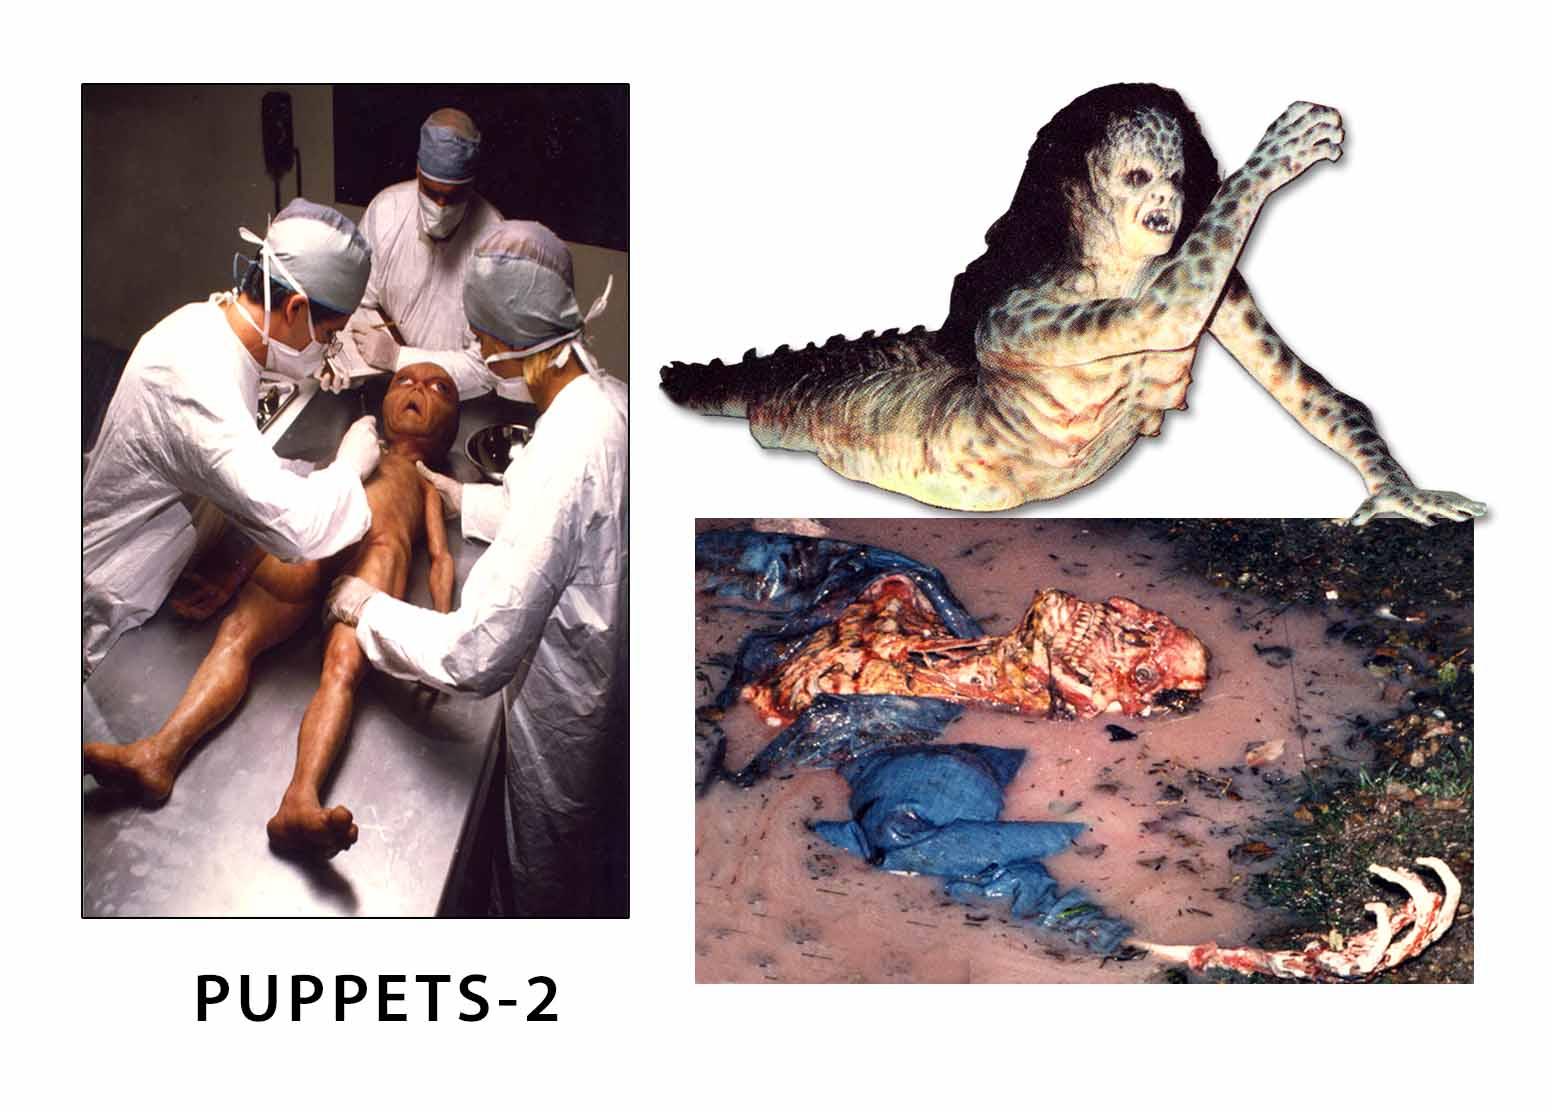 https://0201.nccdn.net/4_2/000/000/038/2d3/SpEfx_puppets_web_9.jpg